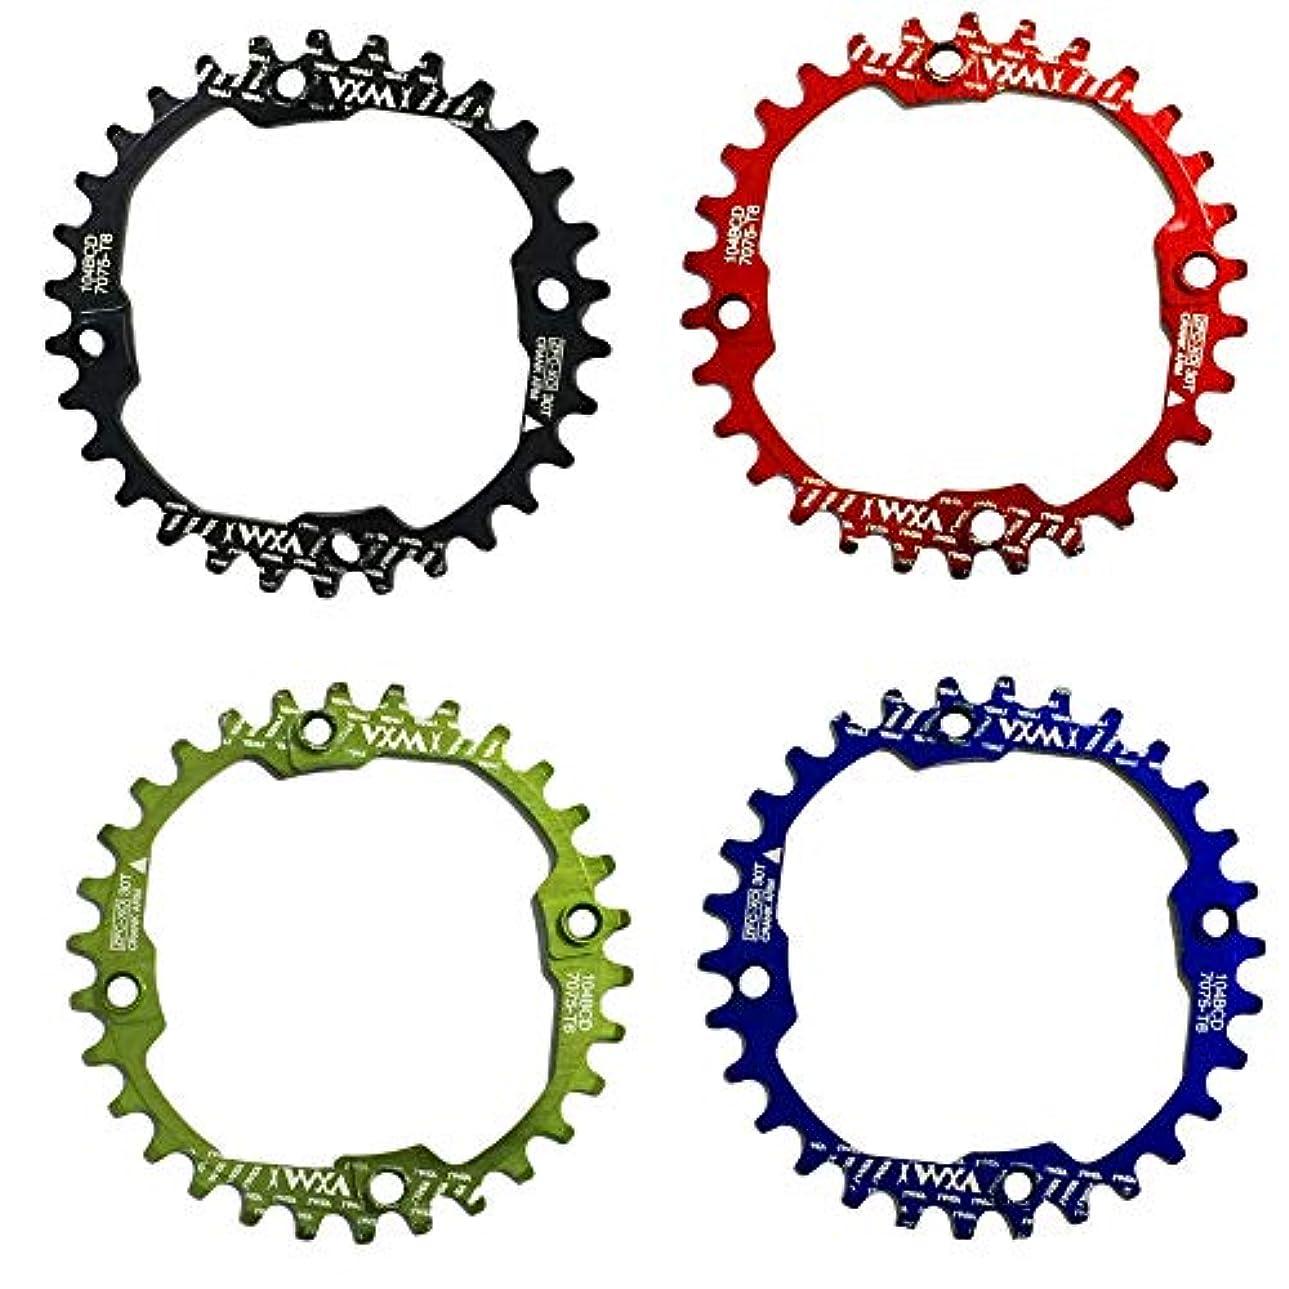 印象なので排泄物Propenary - 1PC Bicycle Chainwheel Crank 30T 104BCD Aluminum Alloy Narrow Wide Chainring Round Bike Chainwheel...